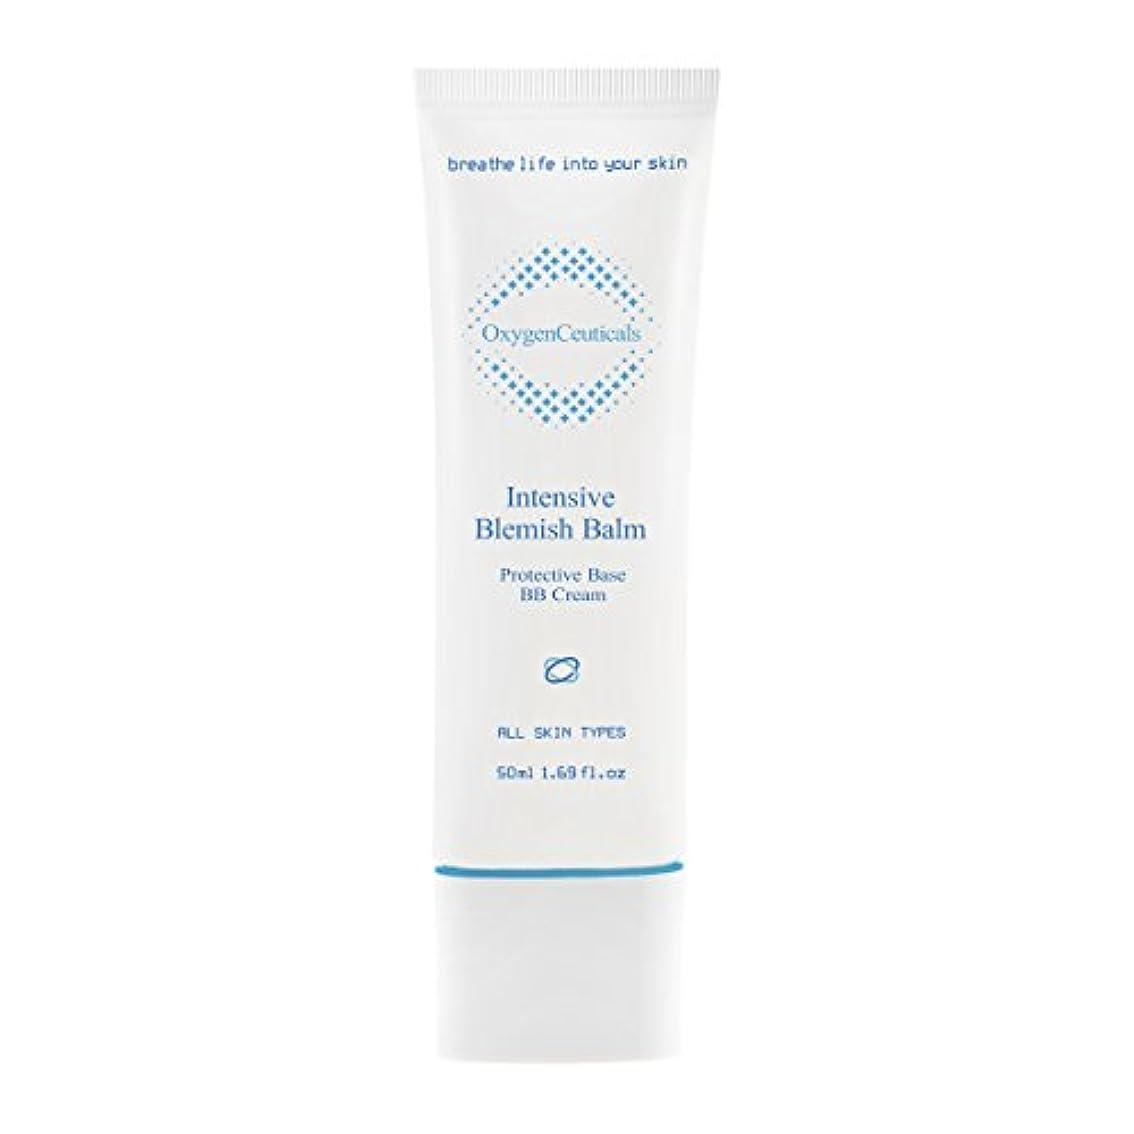 セーブすき保護する[ Oxygen Ceuticals ] オキシジェンシューティカルズ 酸素BBクリーム[再.生BB] 50ml. Intensive Blemish Balm(BB Cream) 50ml. X Mask Pack 1p.